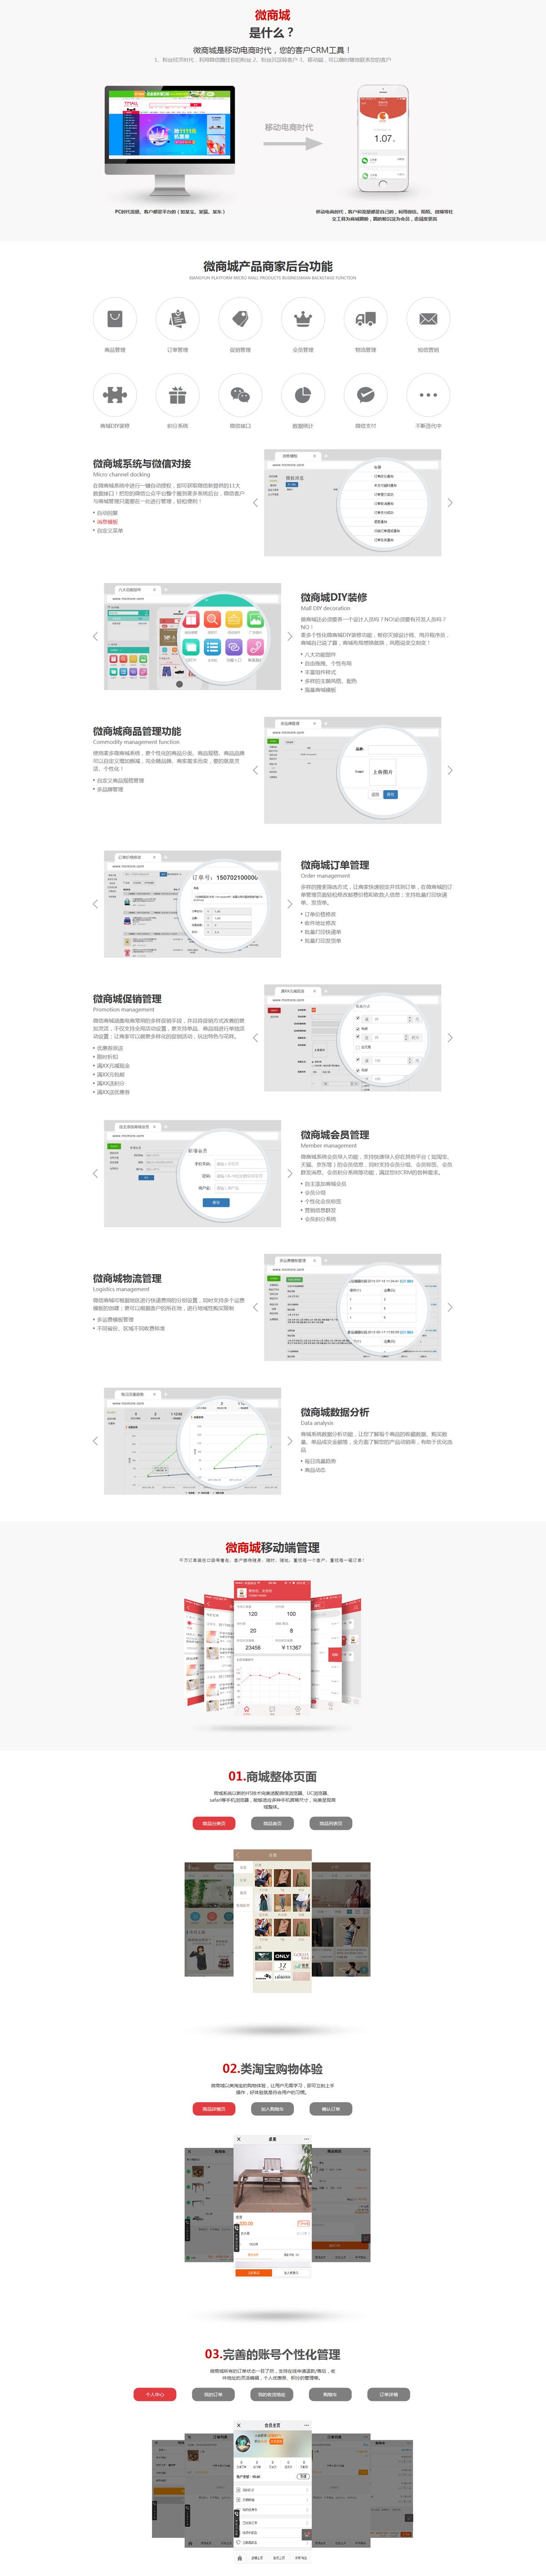 betway体育客户端设计网站